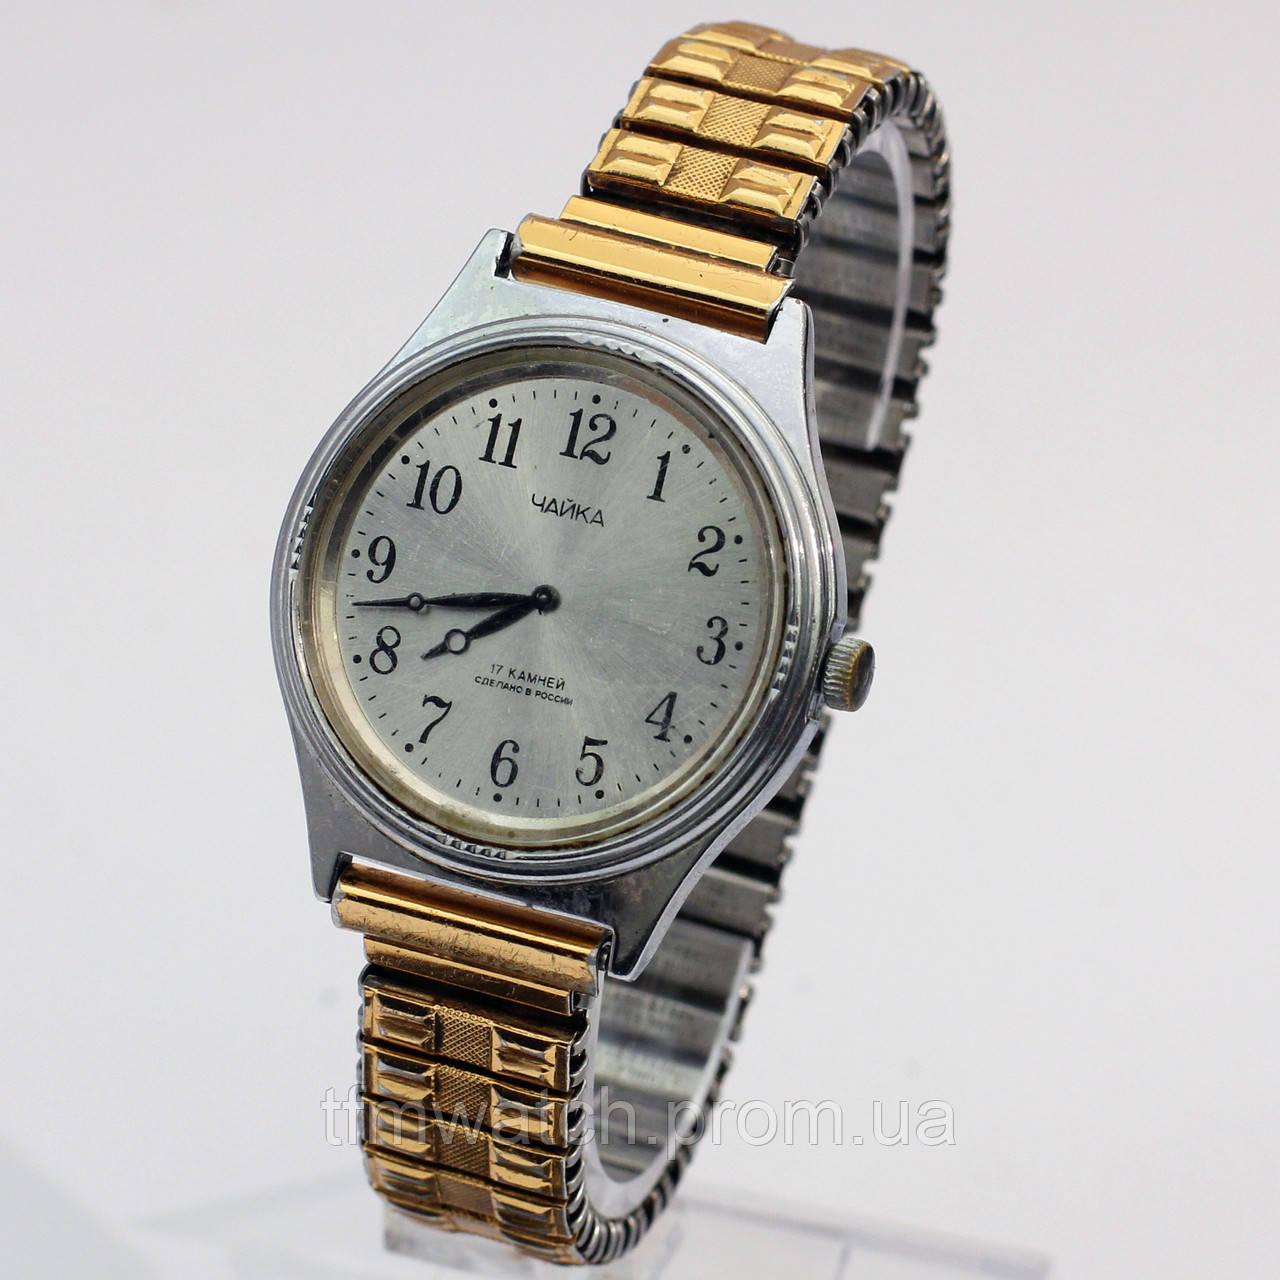 Чайка российские часы